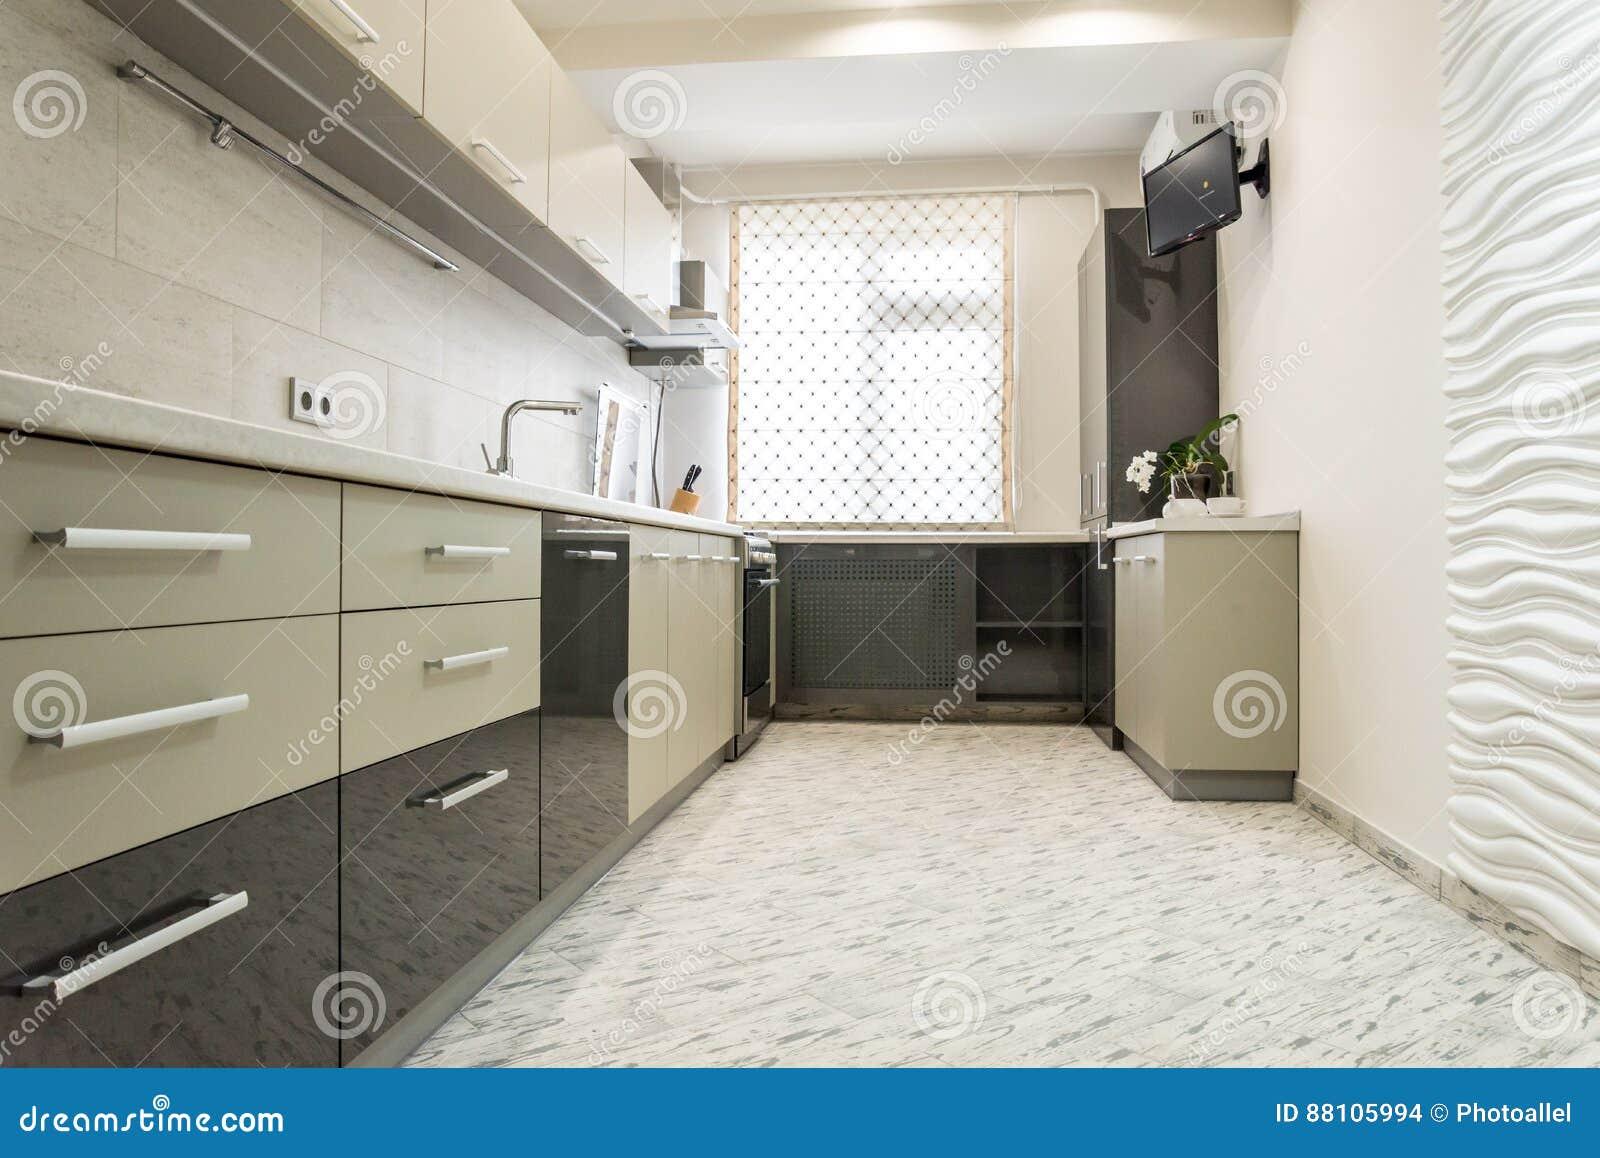 Saubere Innenarchitektur Der Modernen Cremefarbenen Küche Stockfoto ...